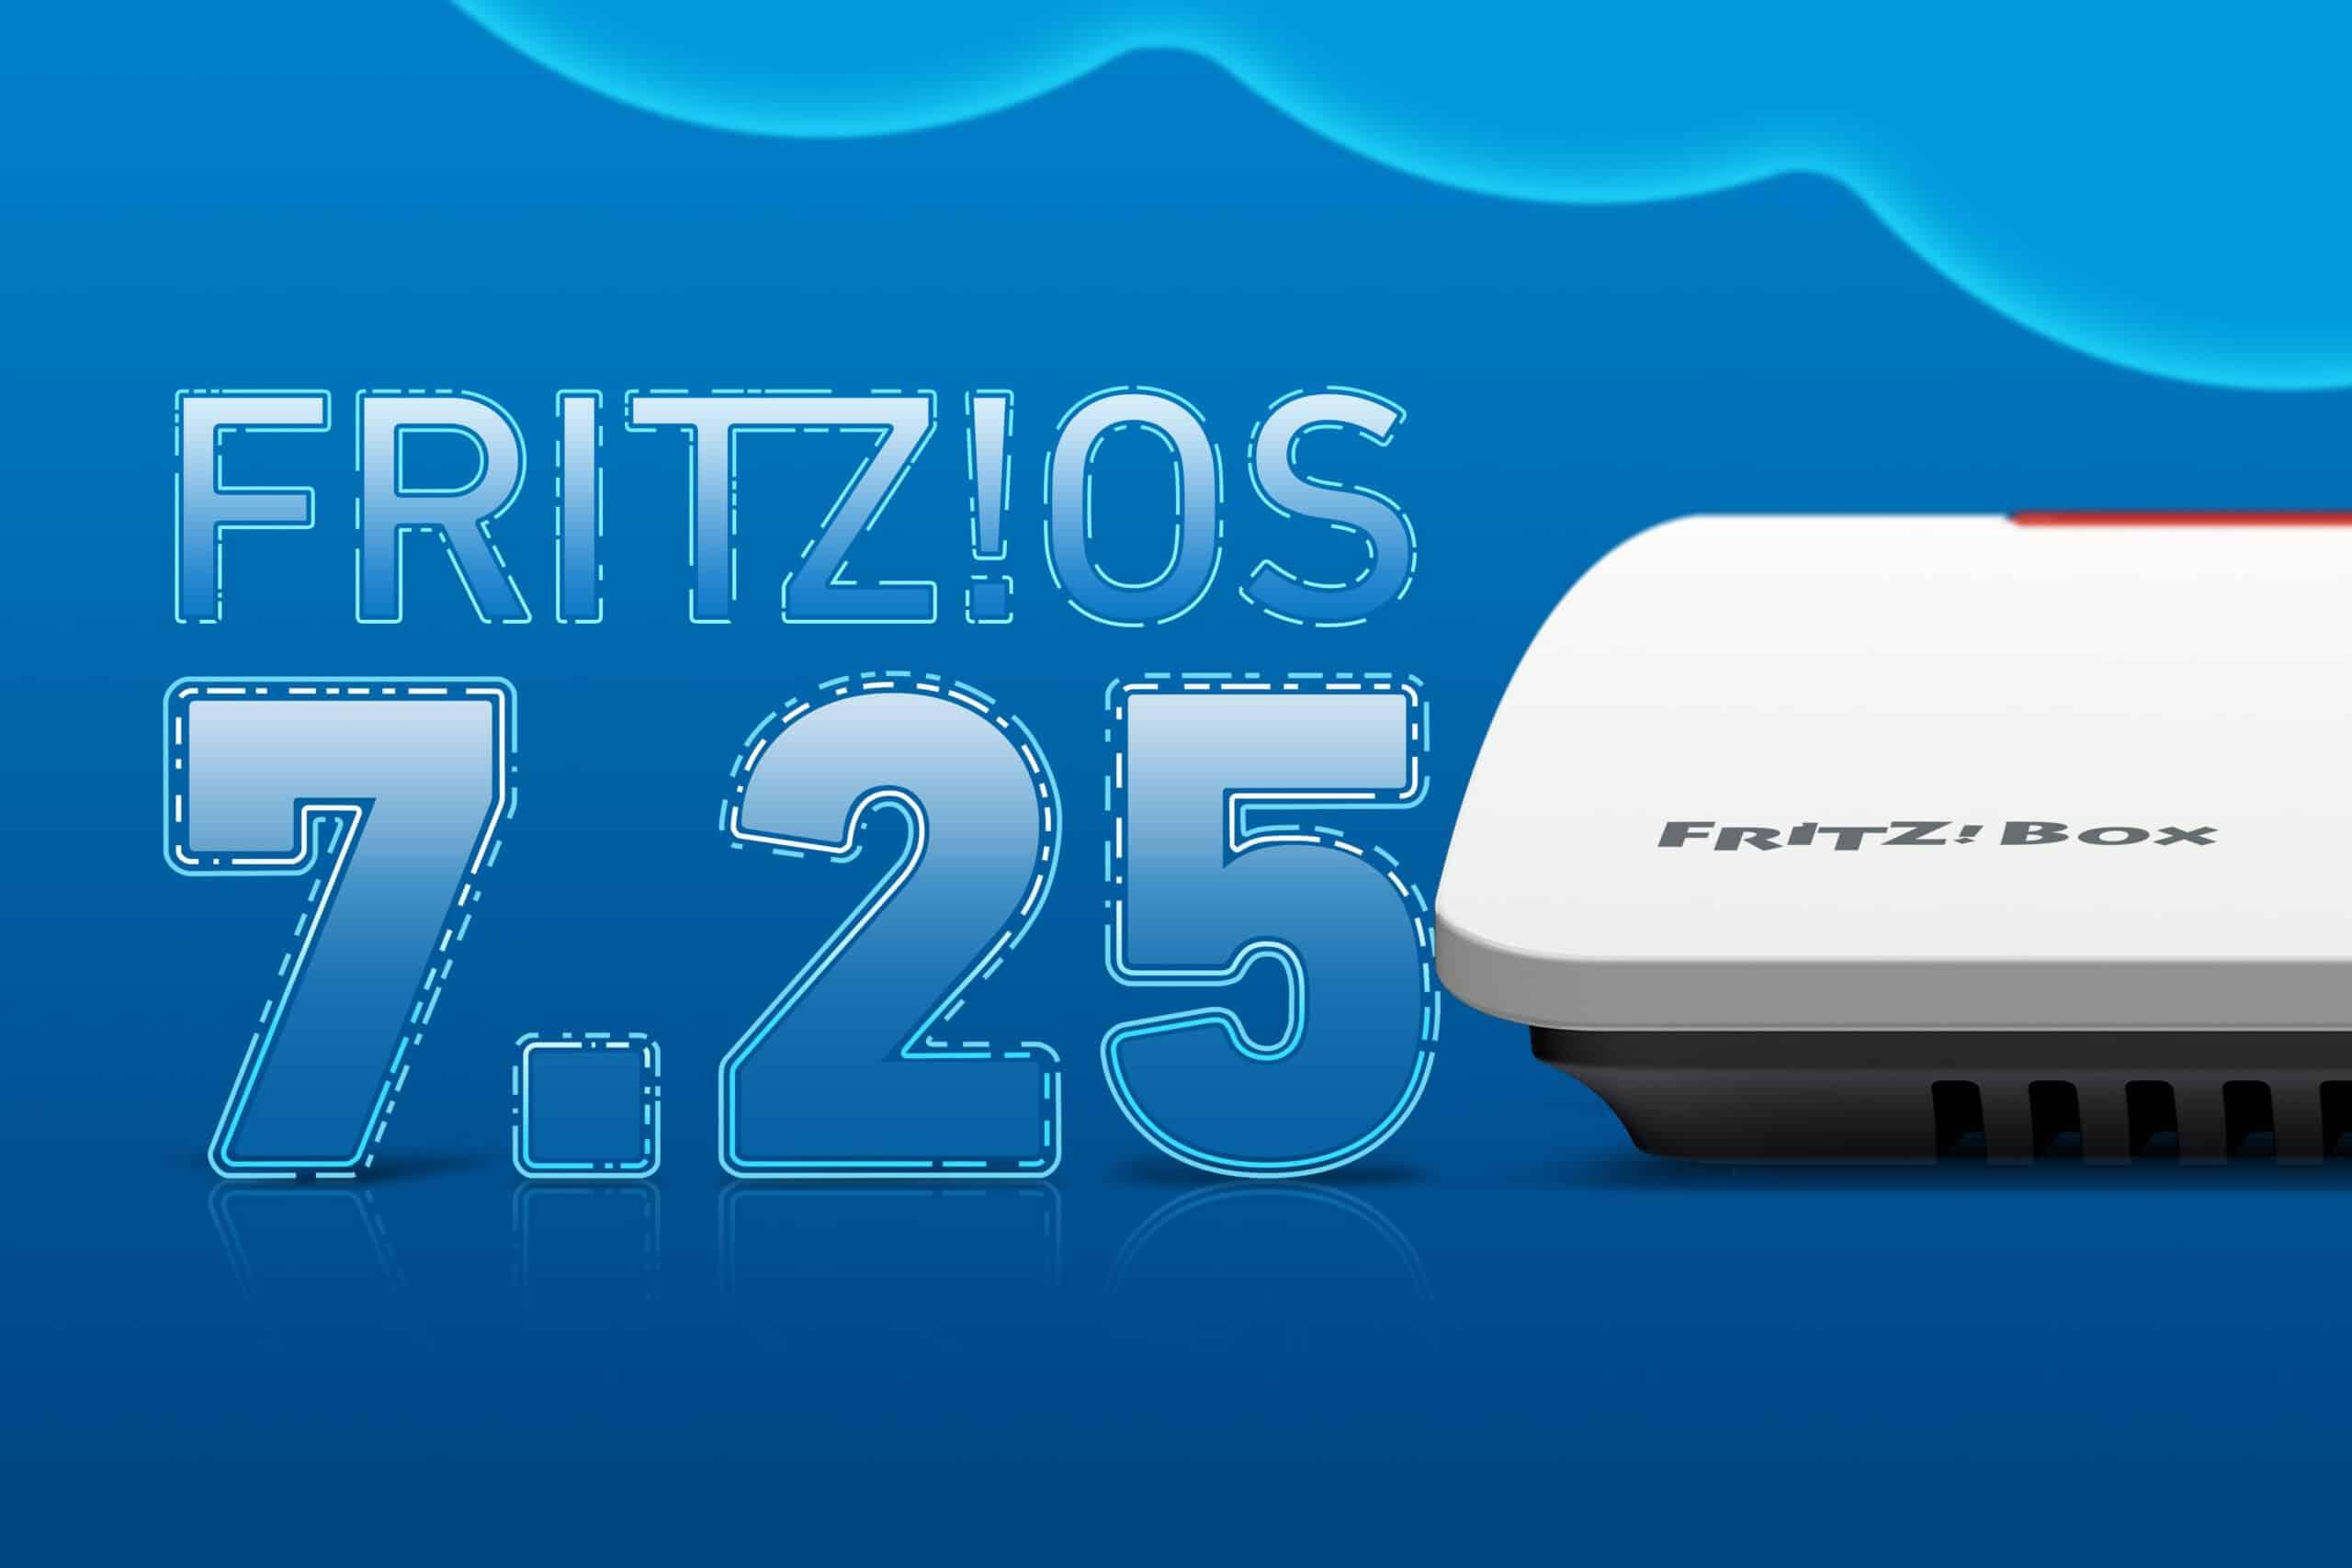 Die Vorteile des neuen FRITZ!OS 7.25 von AVM in zehn Beispielen